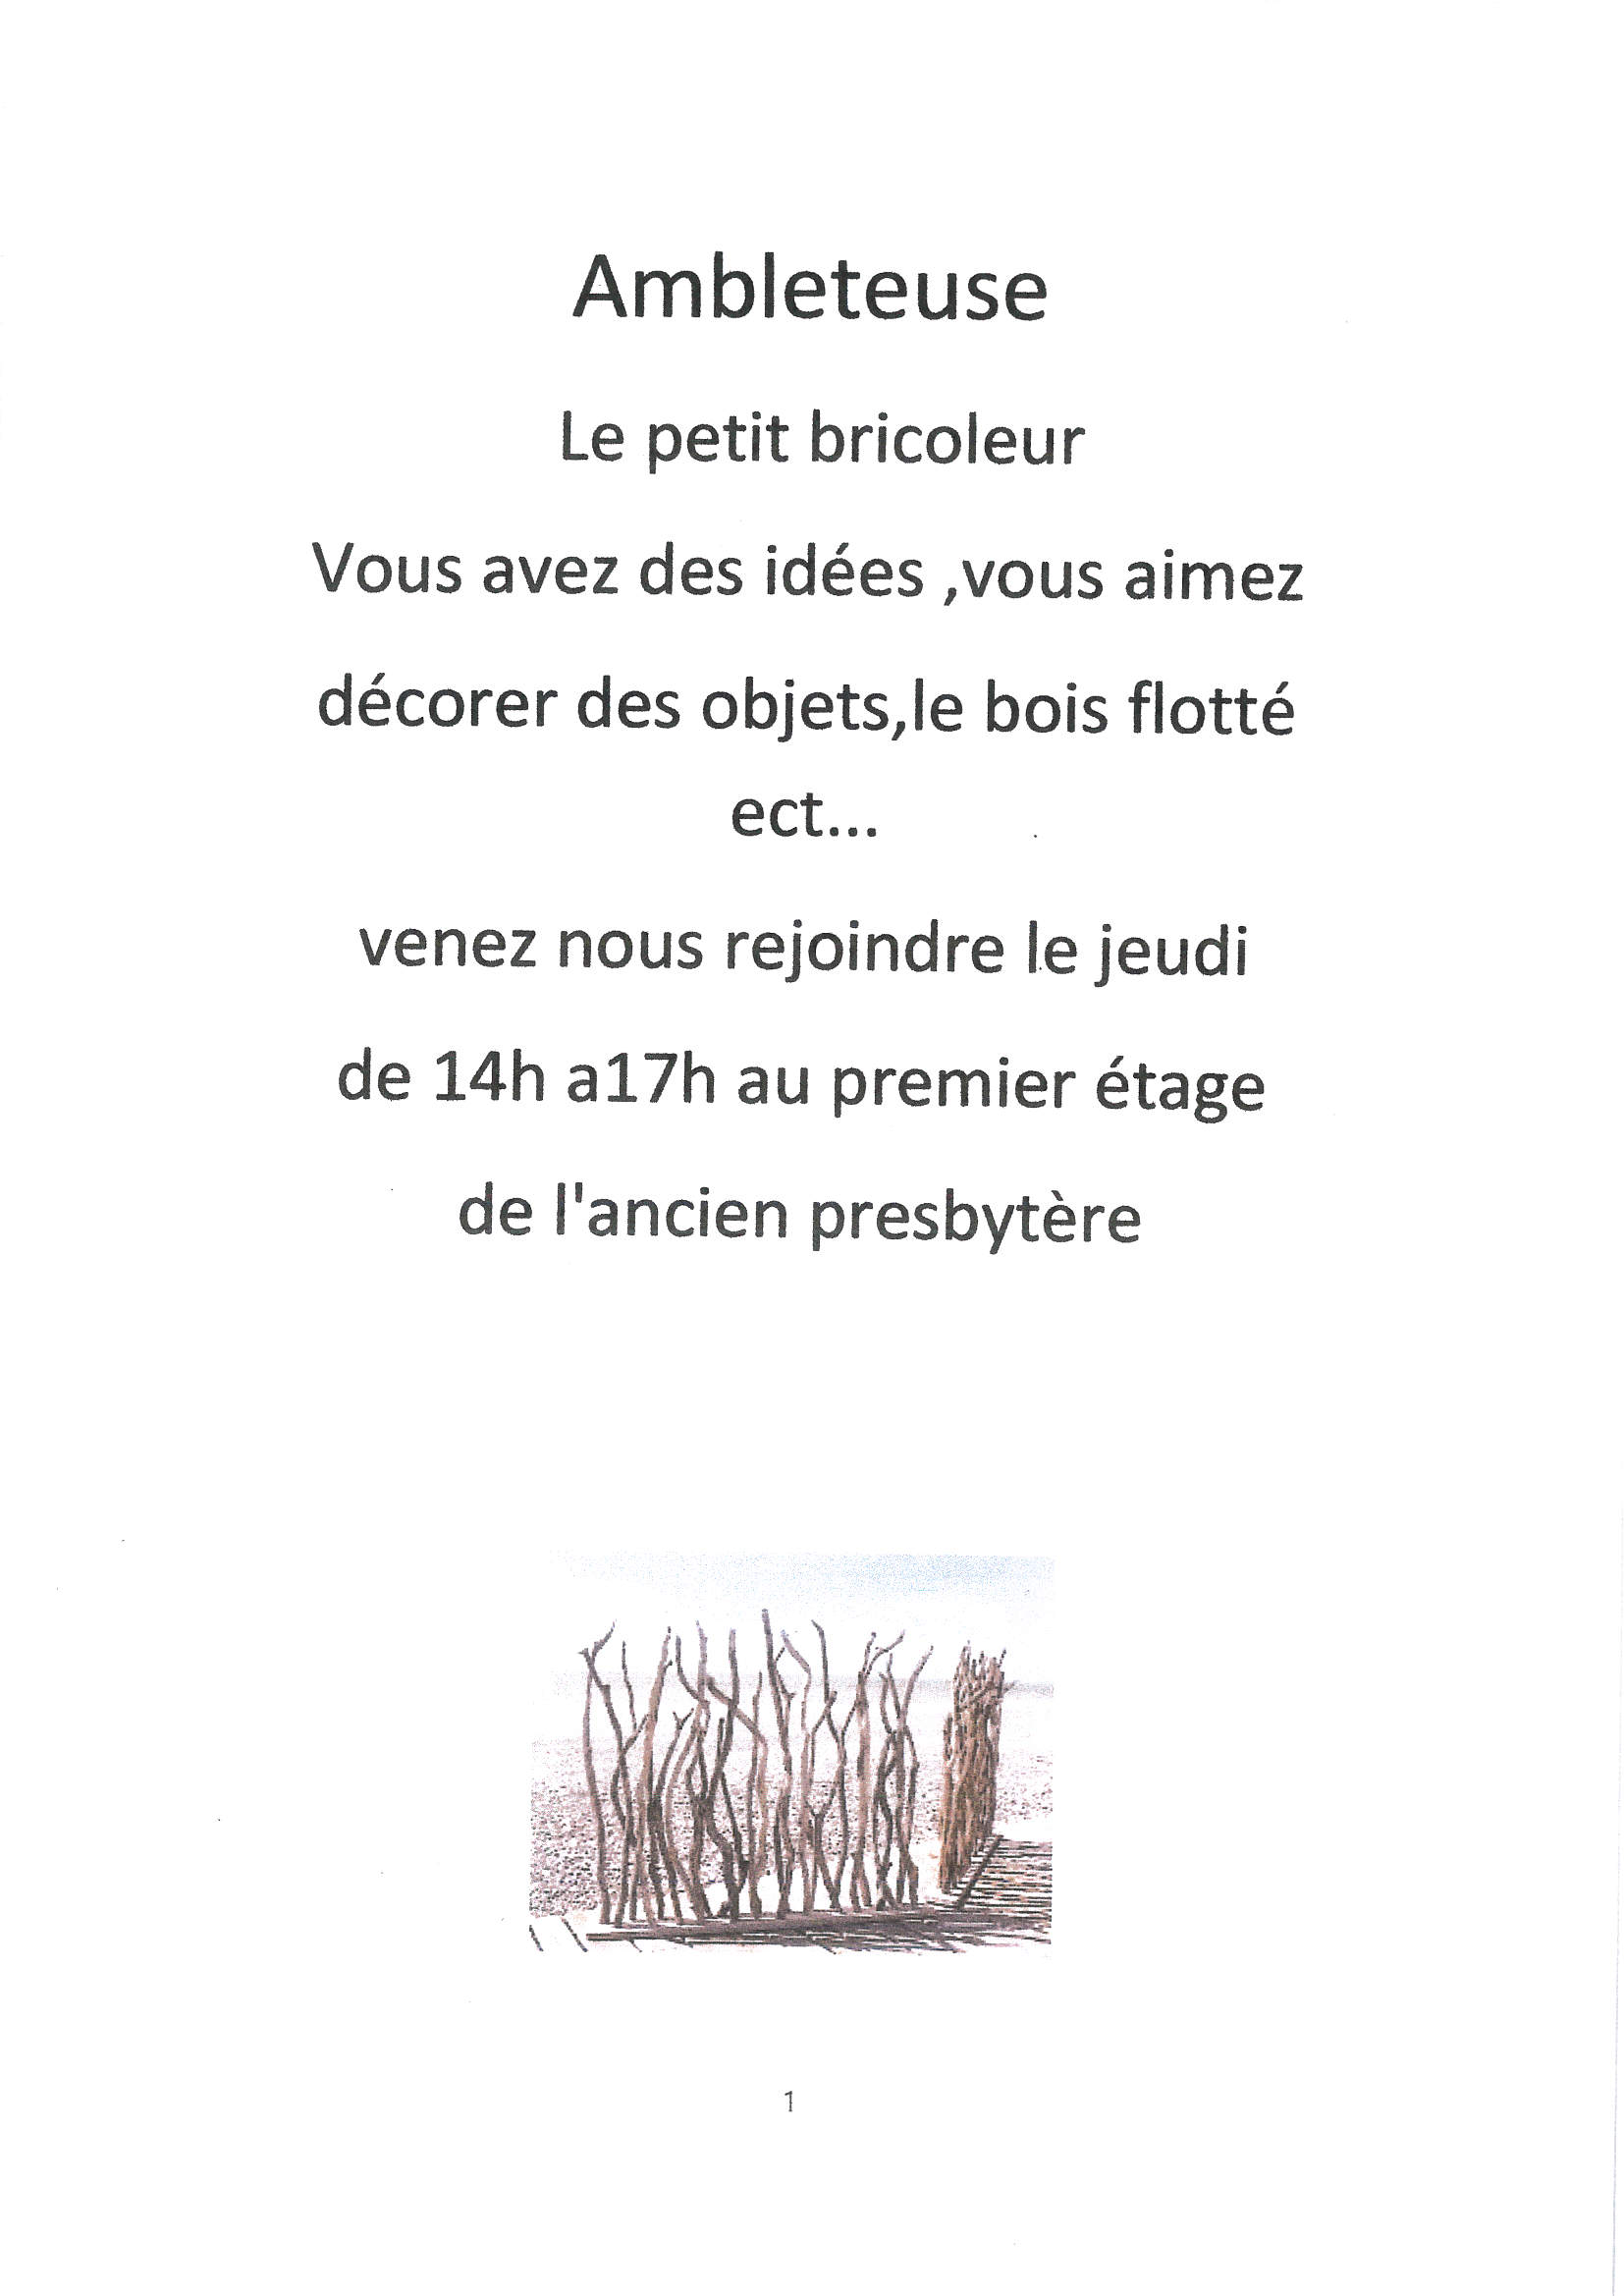 leêtitbricoleur_001.jpg